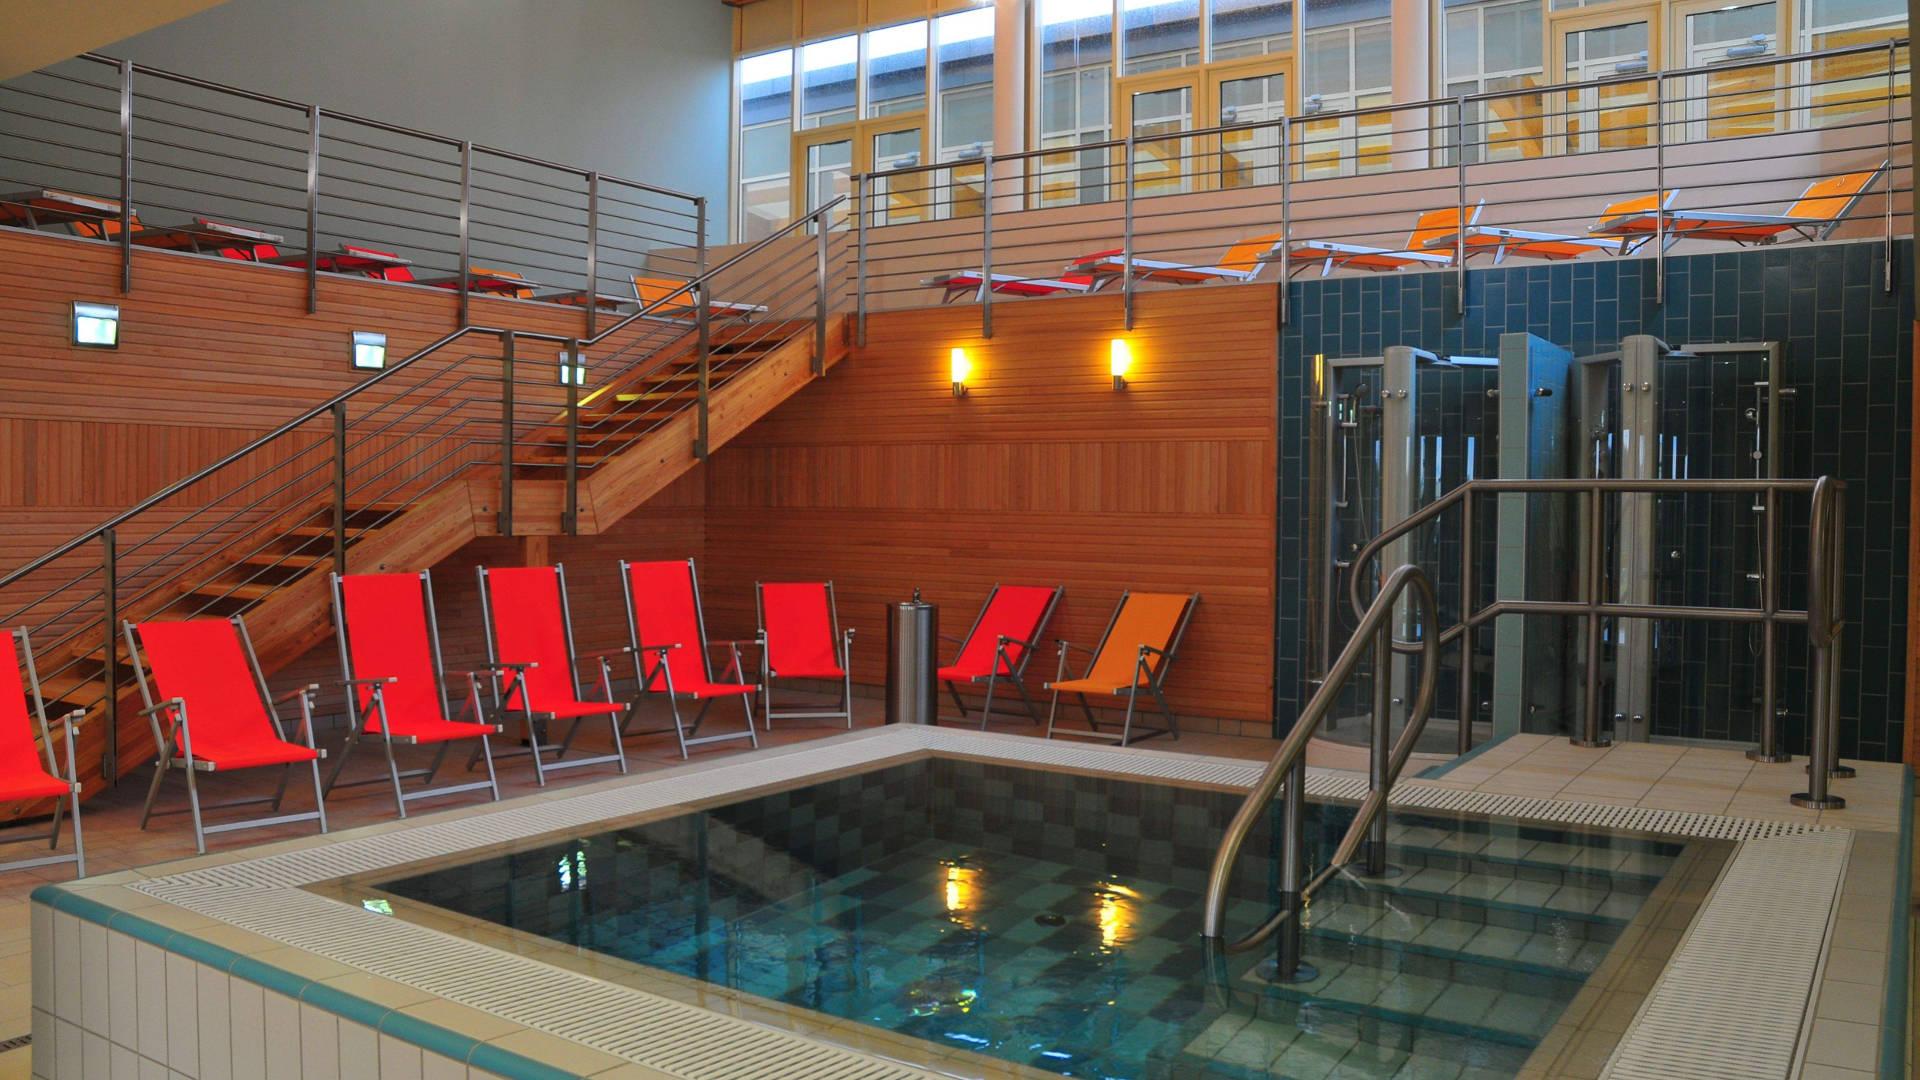 Velence Resort & Spa - Emeleti szaunapark merülőmedence